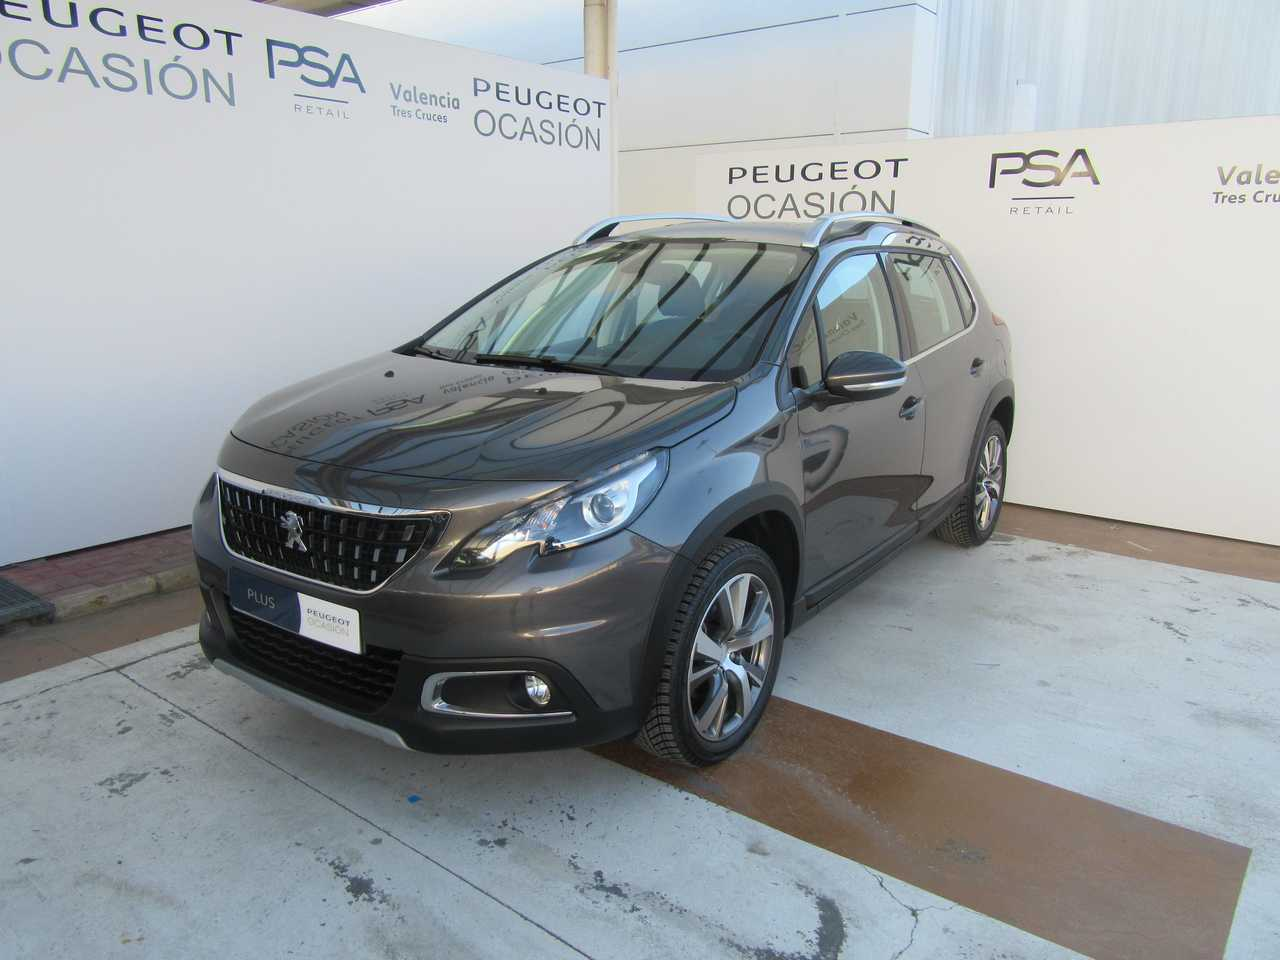 Peugeot 2008 ocasión segunda mano 2018 Gasolina por 15.400€ en Valencia